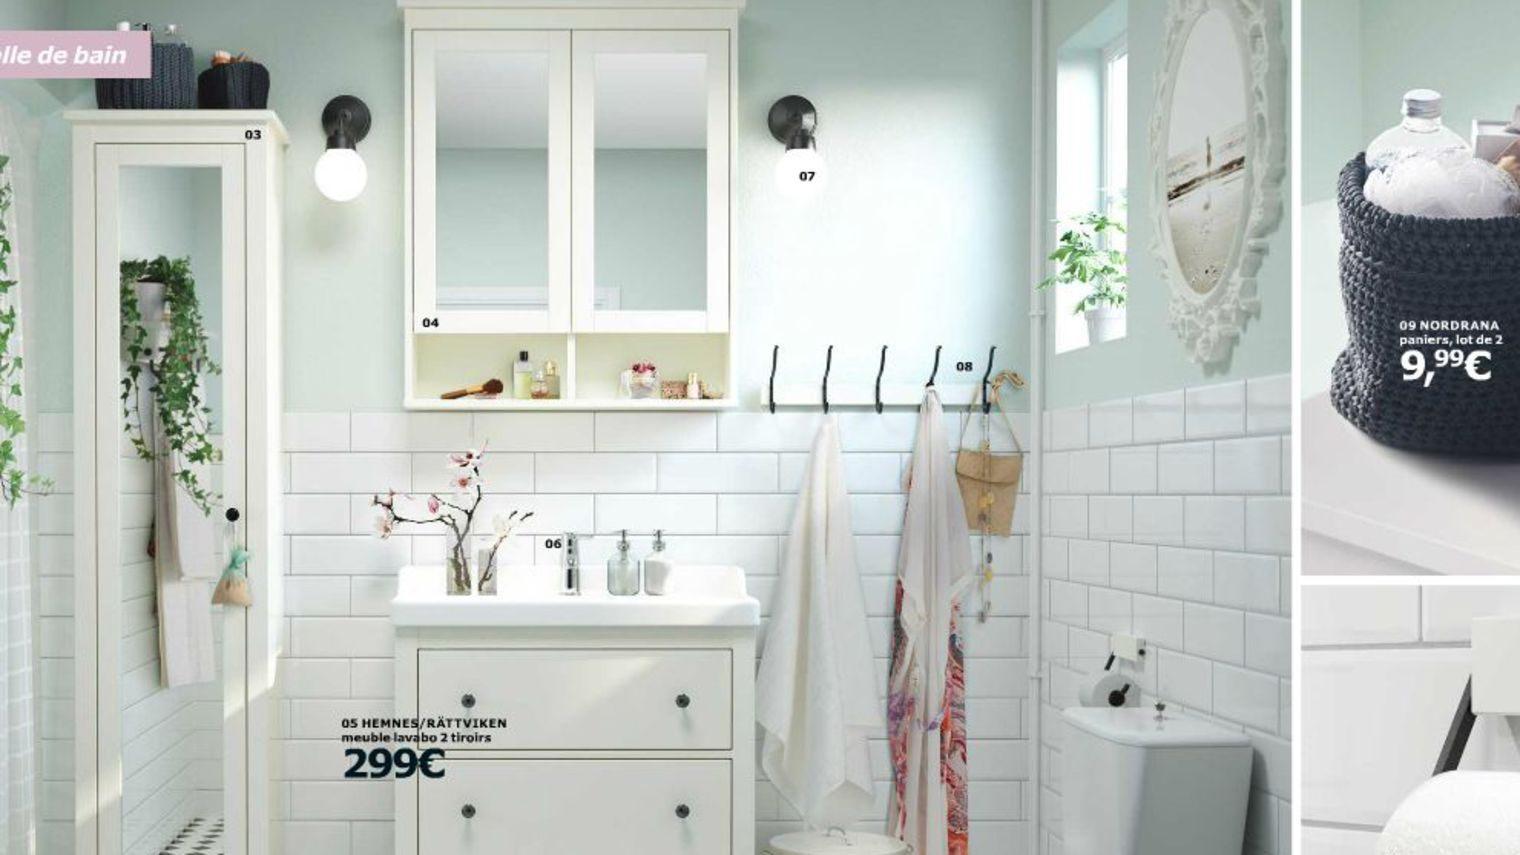 Miroir De Salle De Bain Ikea Frais Photos Ikea Meuble Sdb élégant Beau Intérieur Conceptions Contre Etagere D